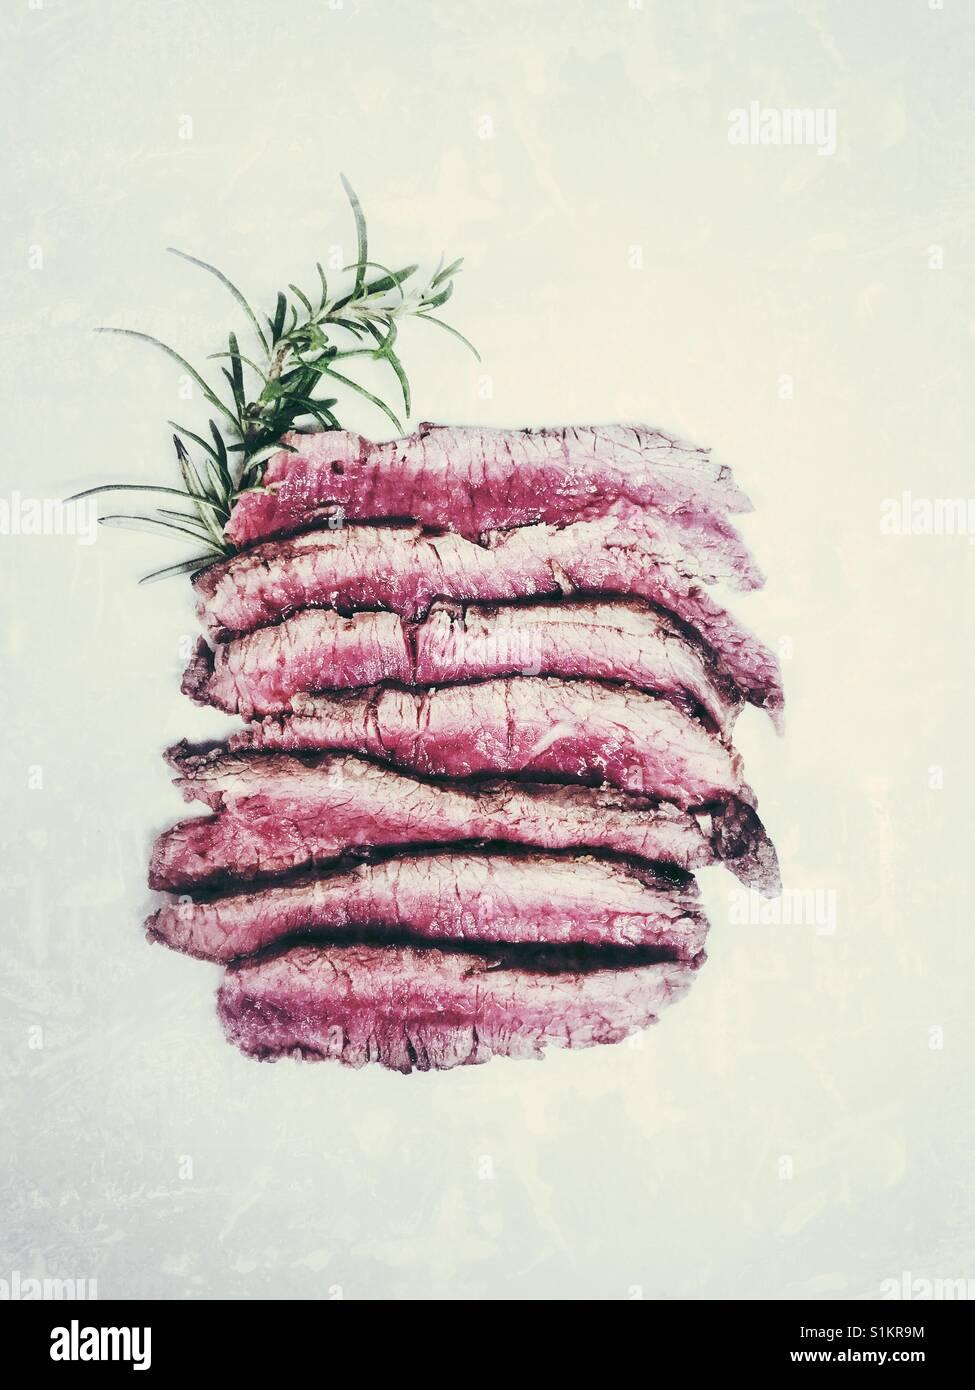 Mise à plat de bœuf Tagliata Photo Stock